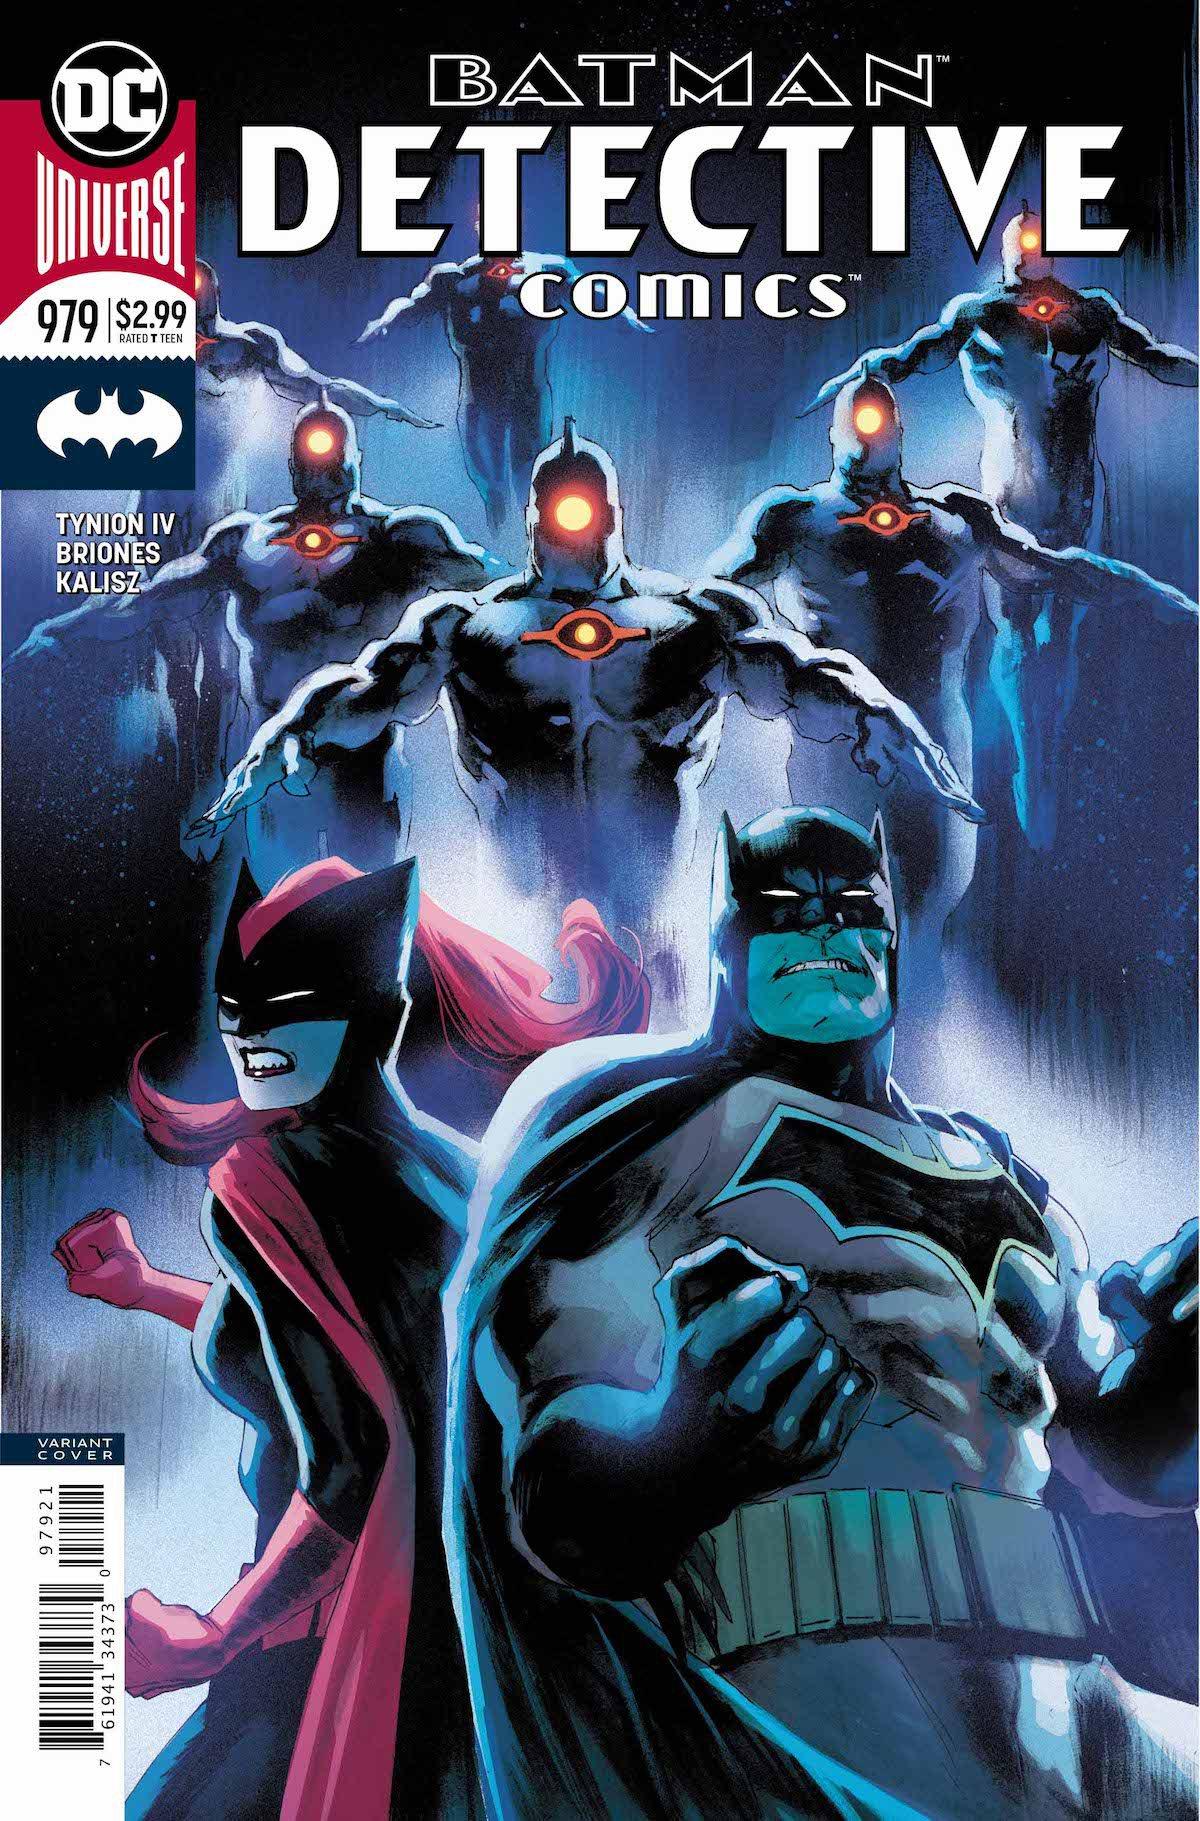 Detective Comics #979 variant cover